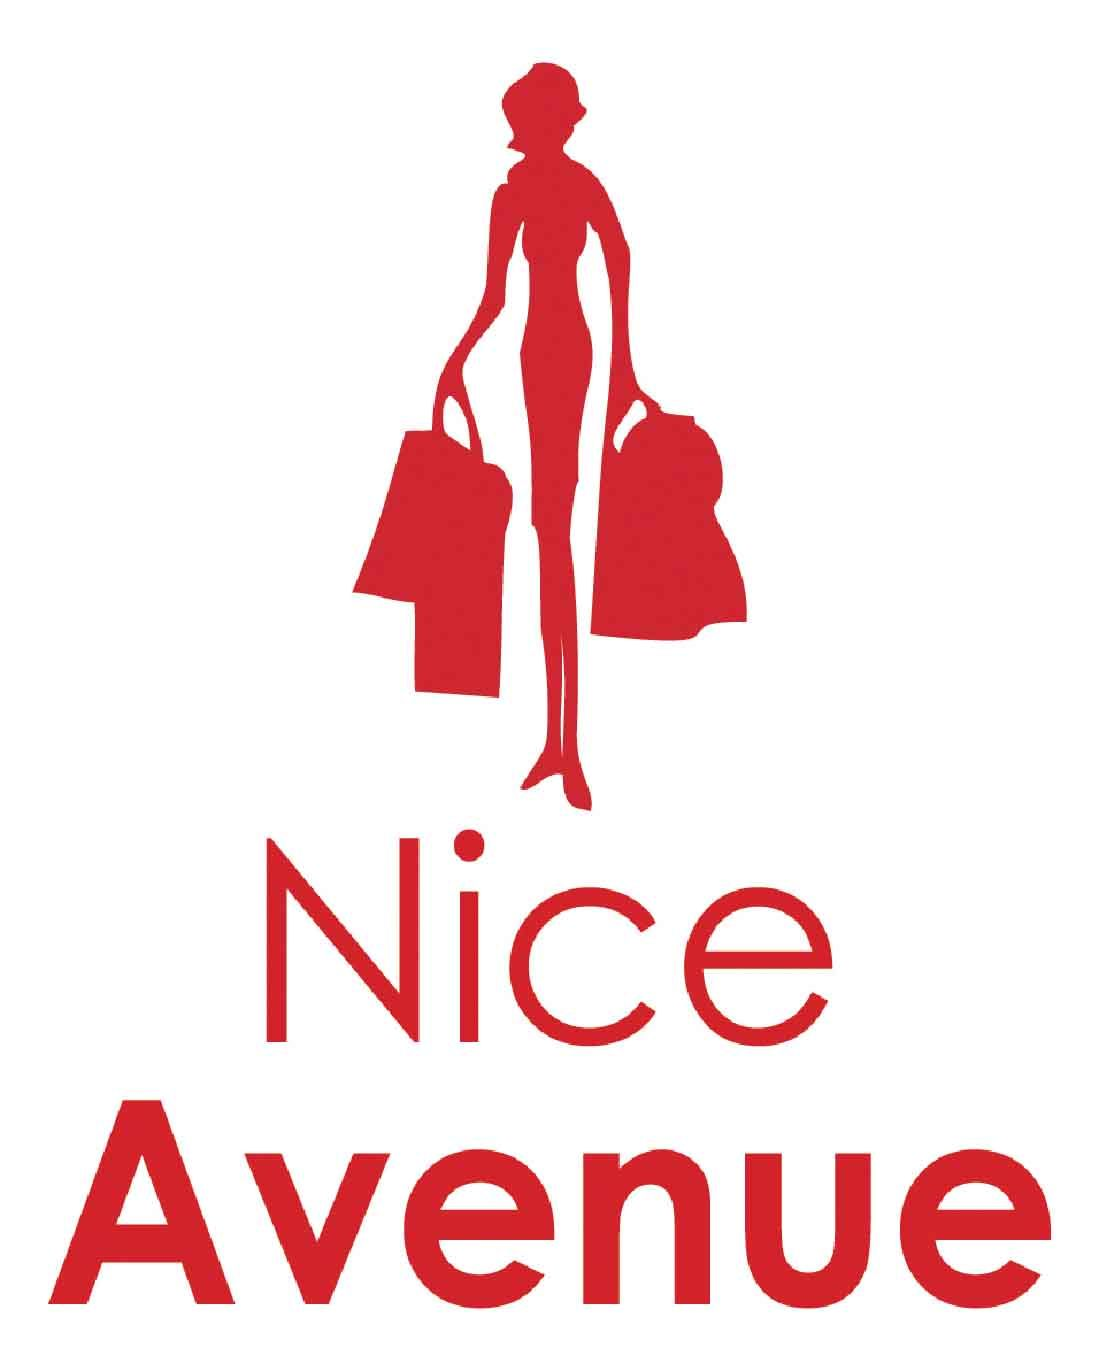 Logo rouge de Nice Avenue.